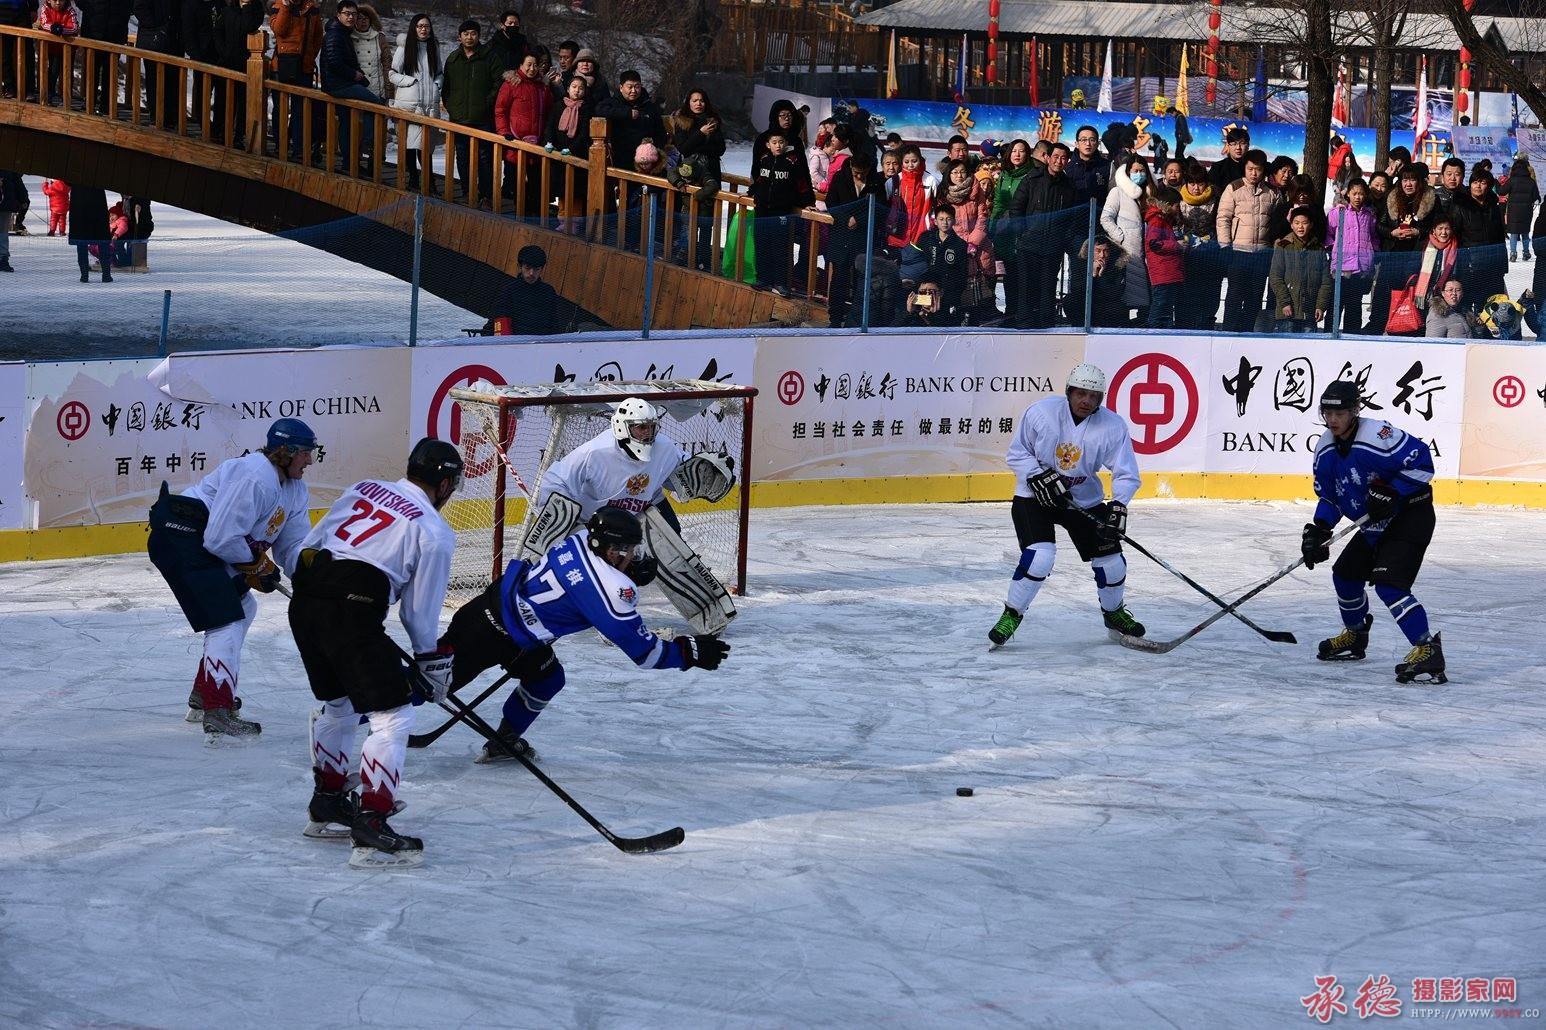 85、冰球赛(中国--加拿大)-天天锻炼